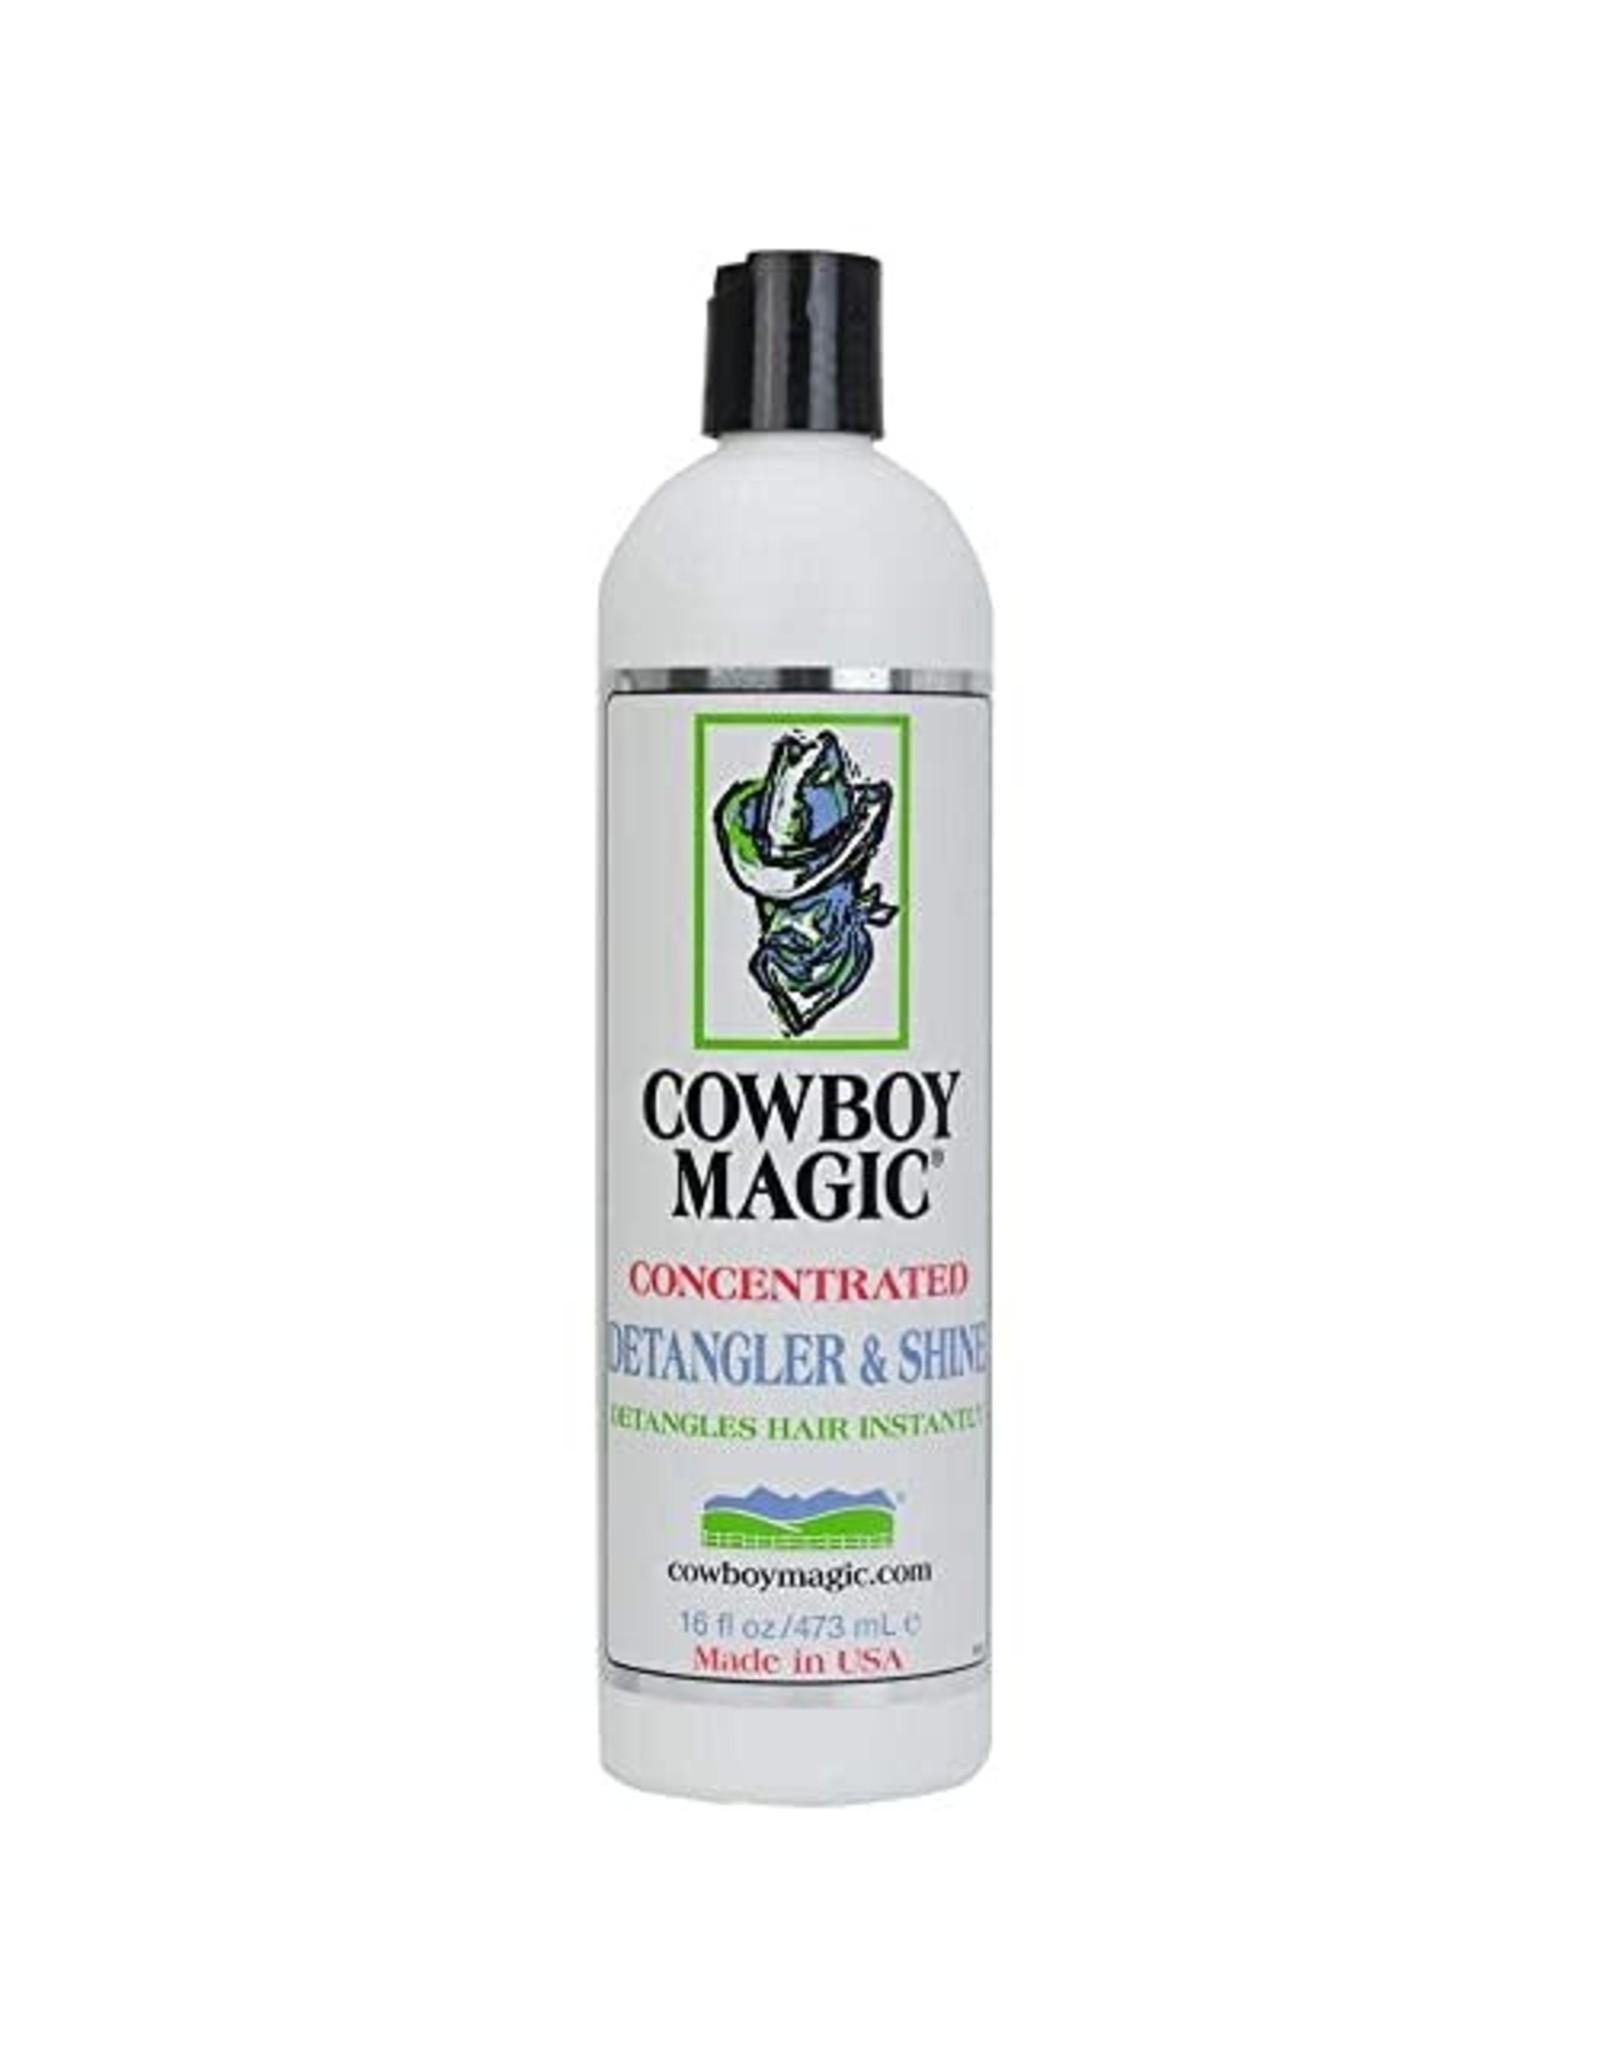 Cowboy Magic Promo Wrap